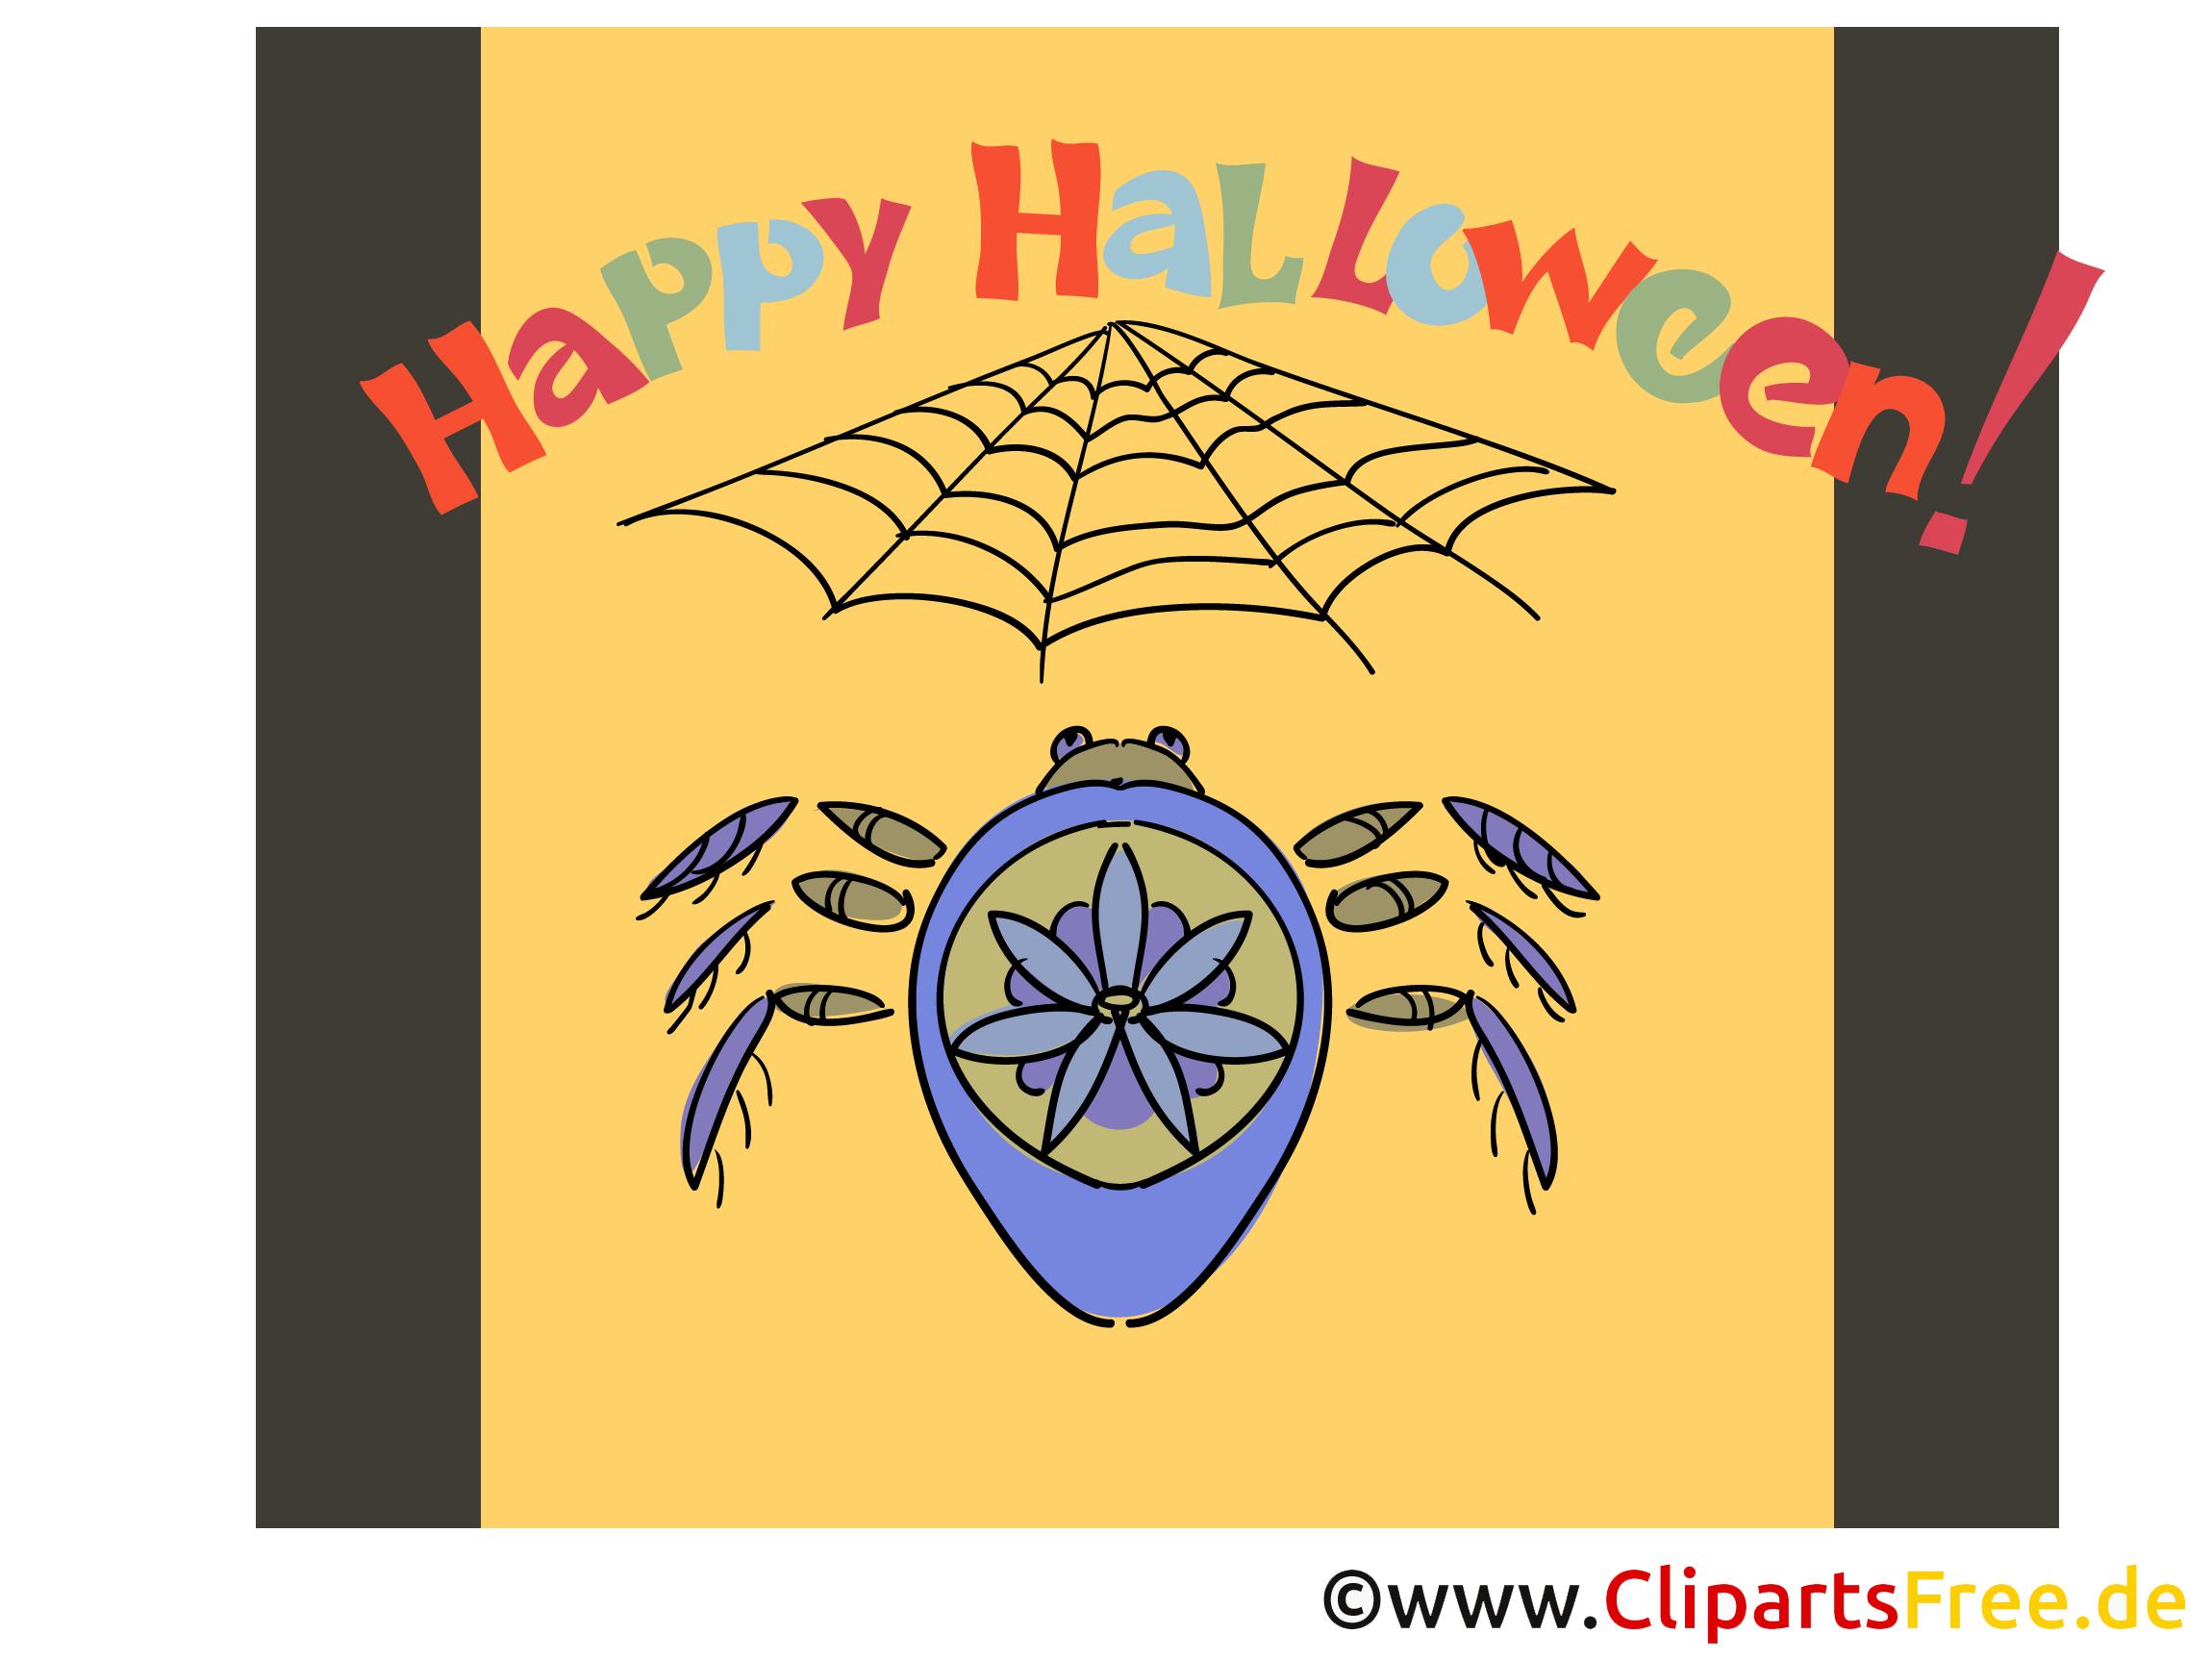 Spinne Cliparts zu Halloween